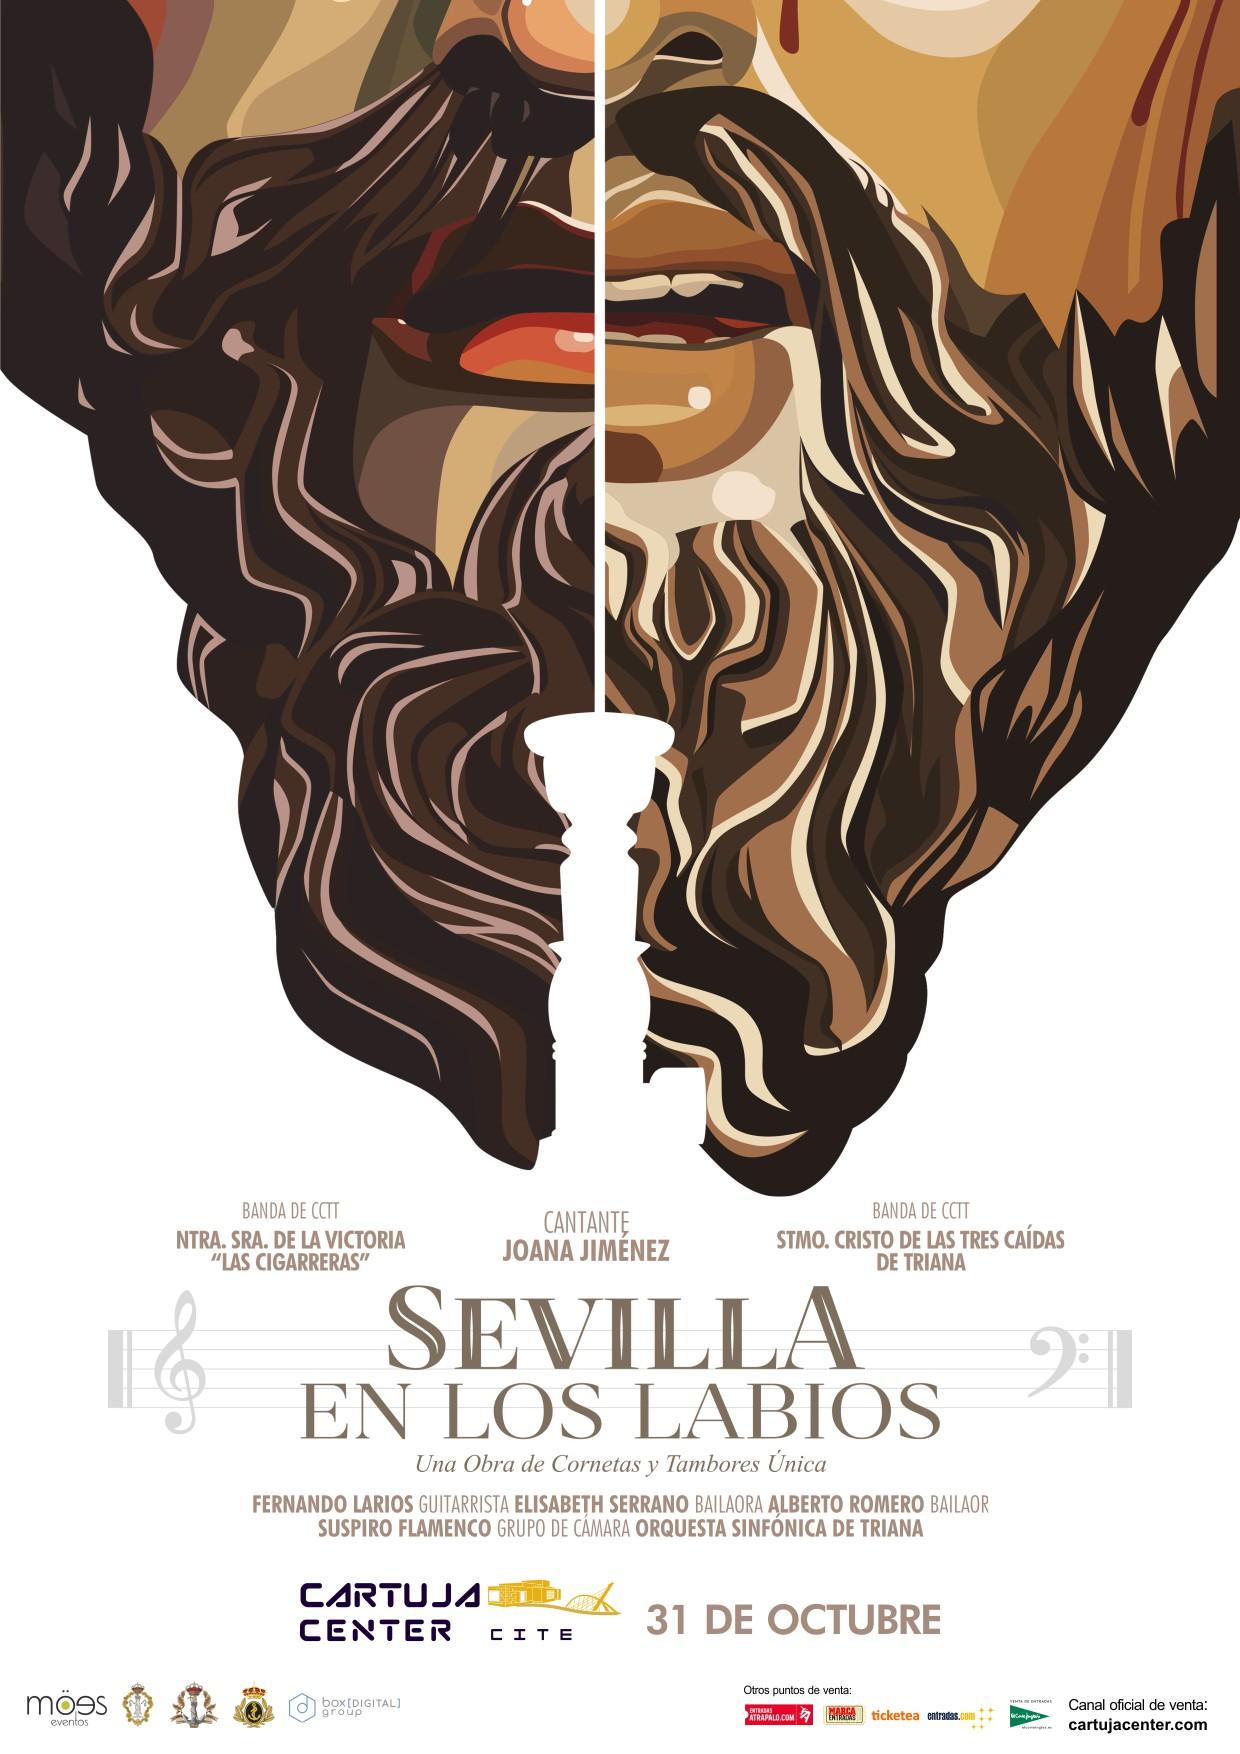 Sevilla en los labios en el Teatro Cartuja Center Cite de Sevilla.